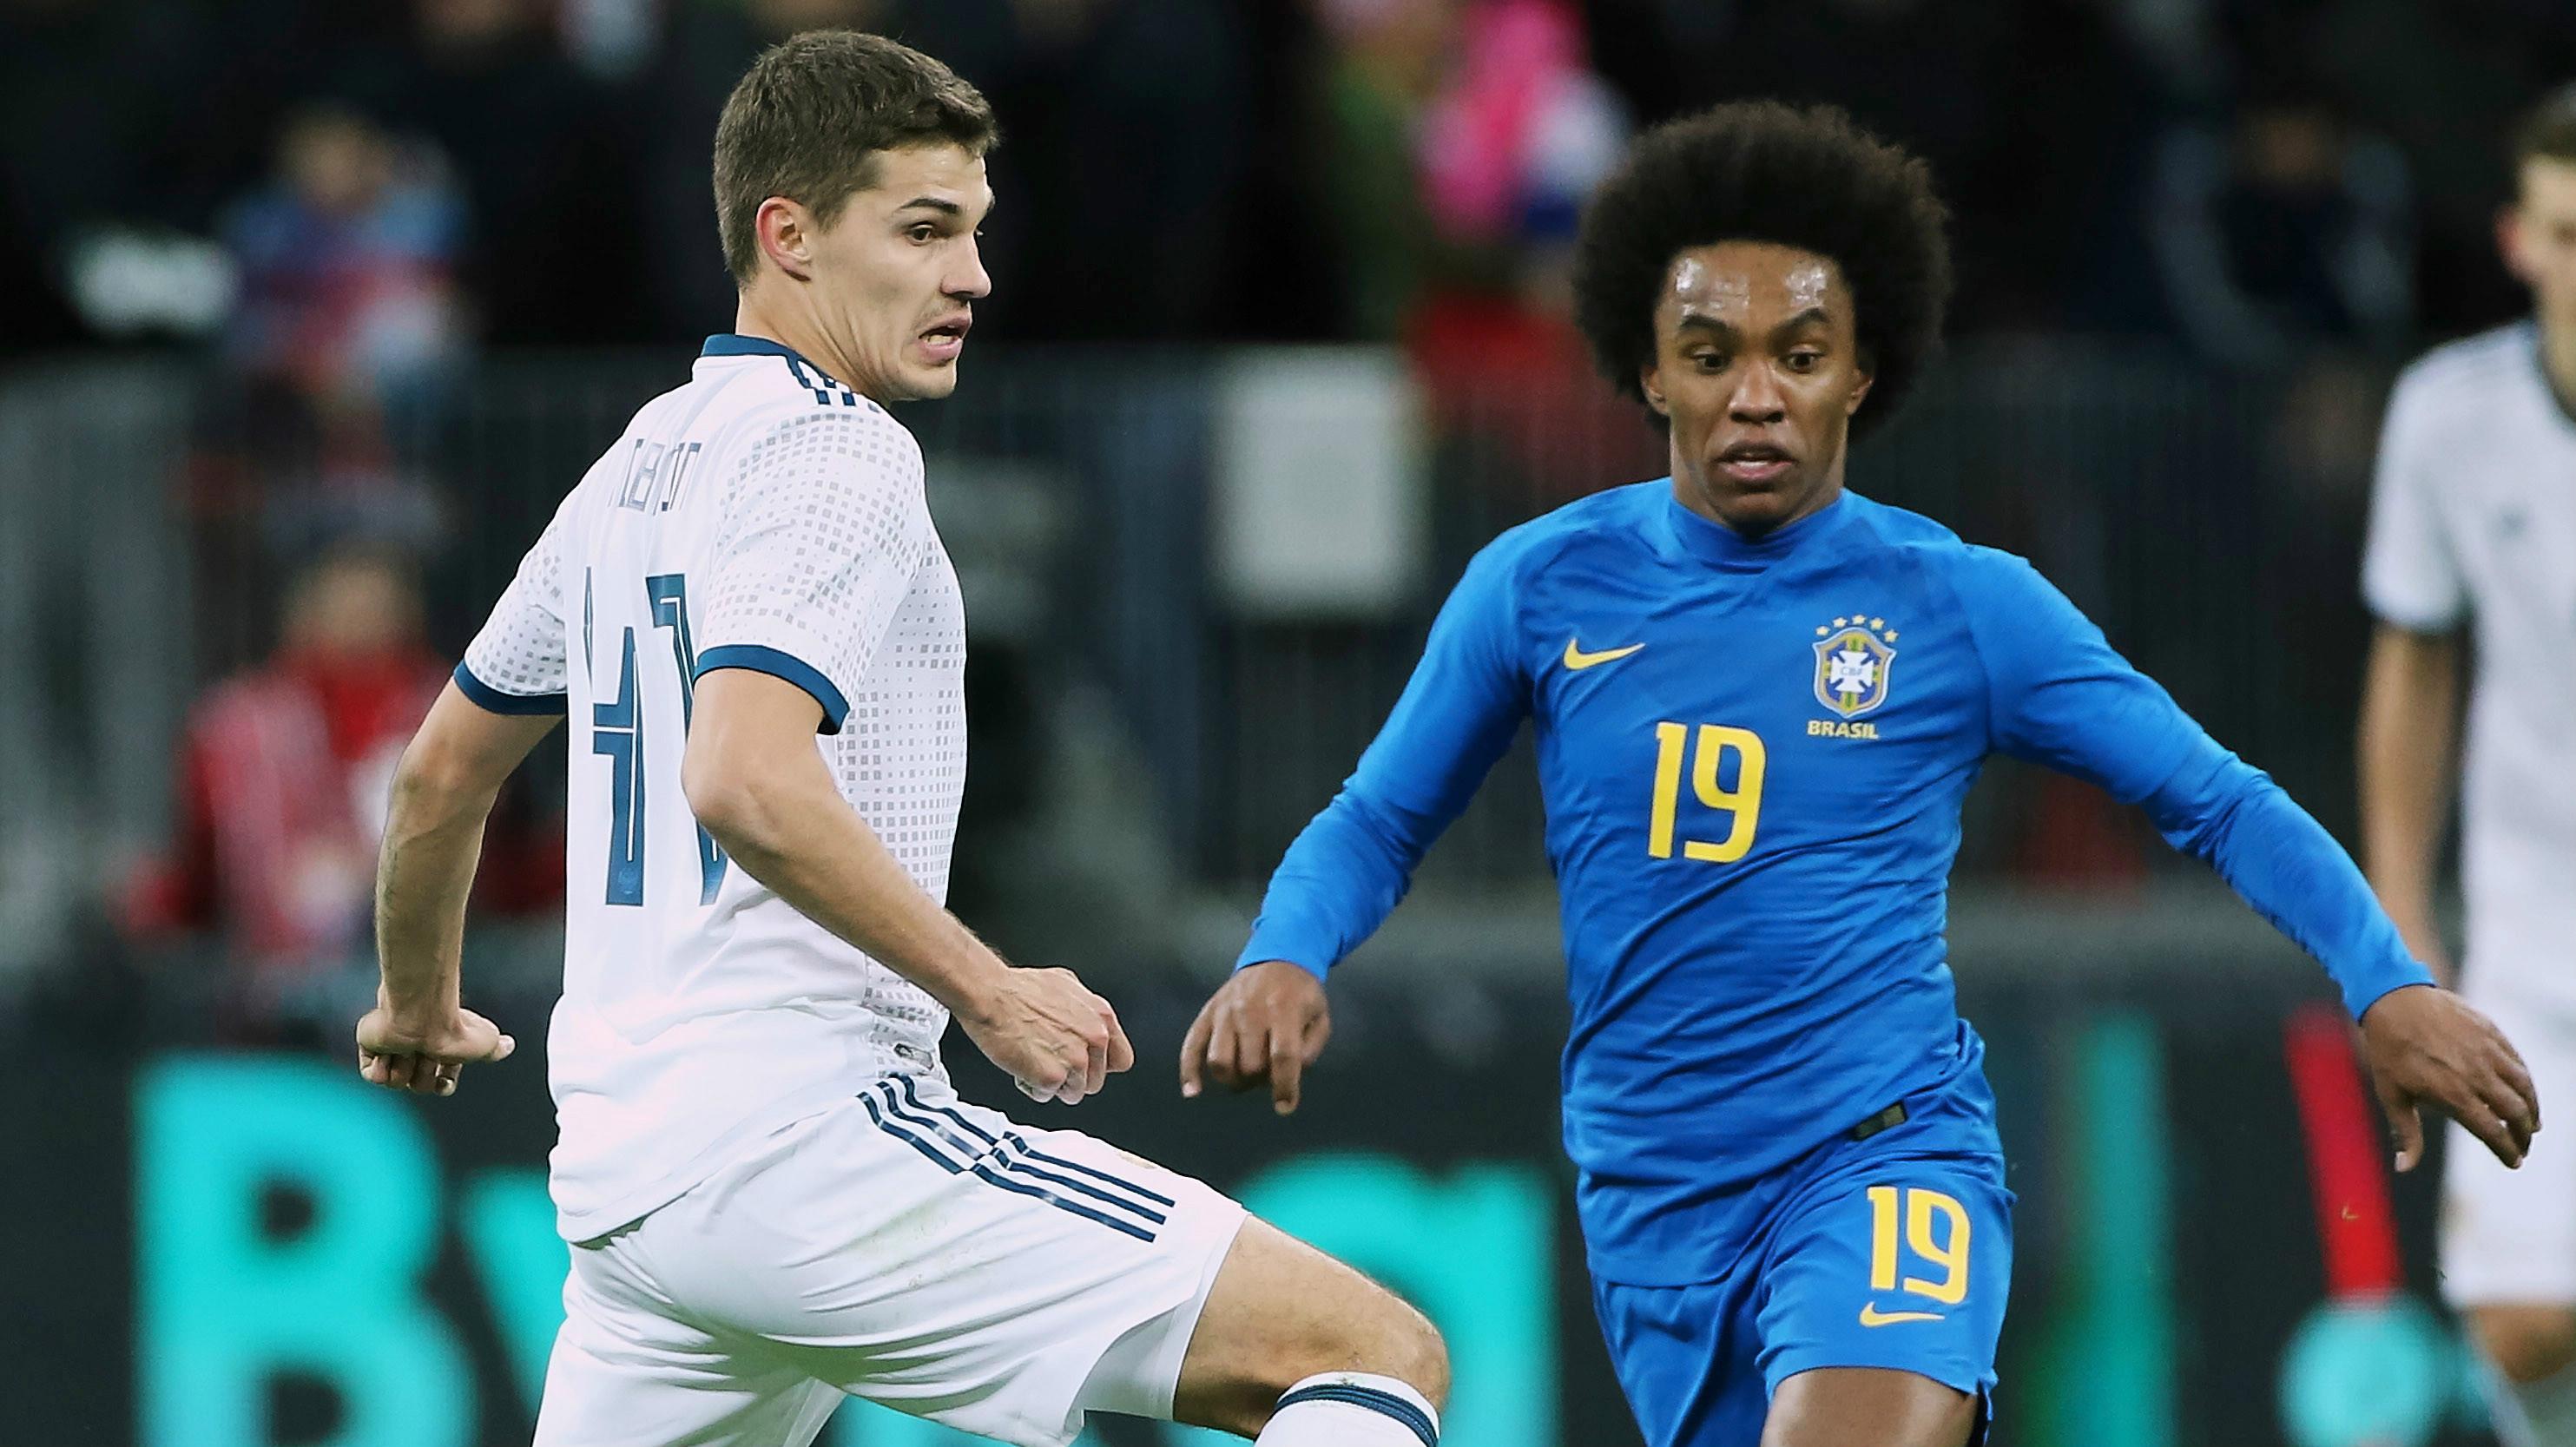 Willian - Brasil x Russia - 23/03/2018